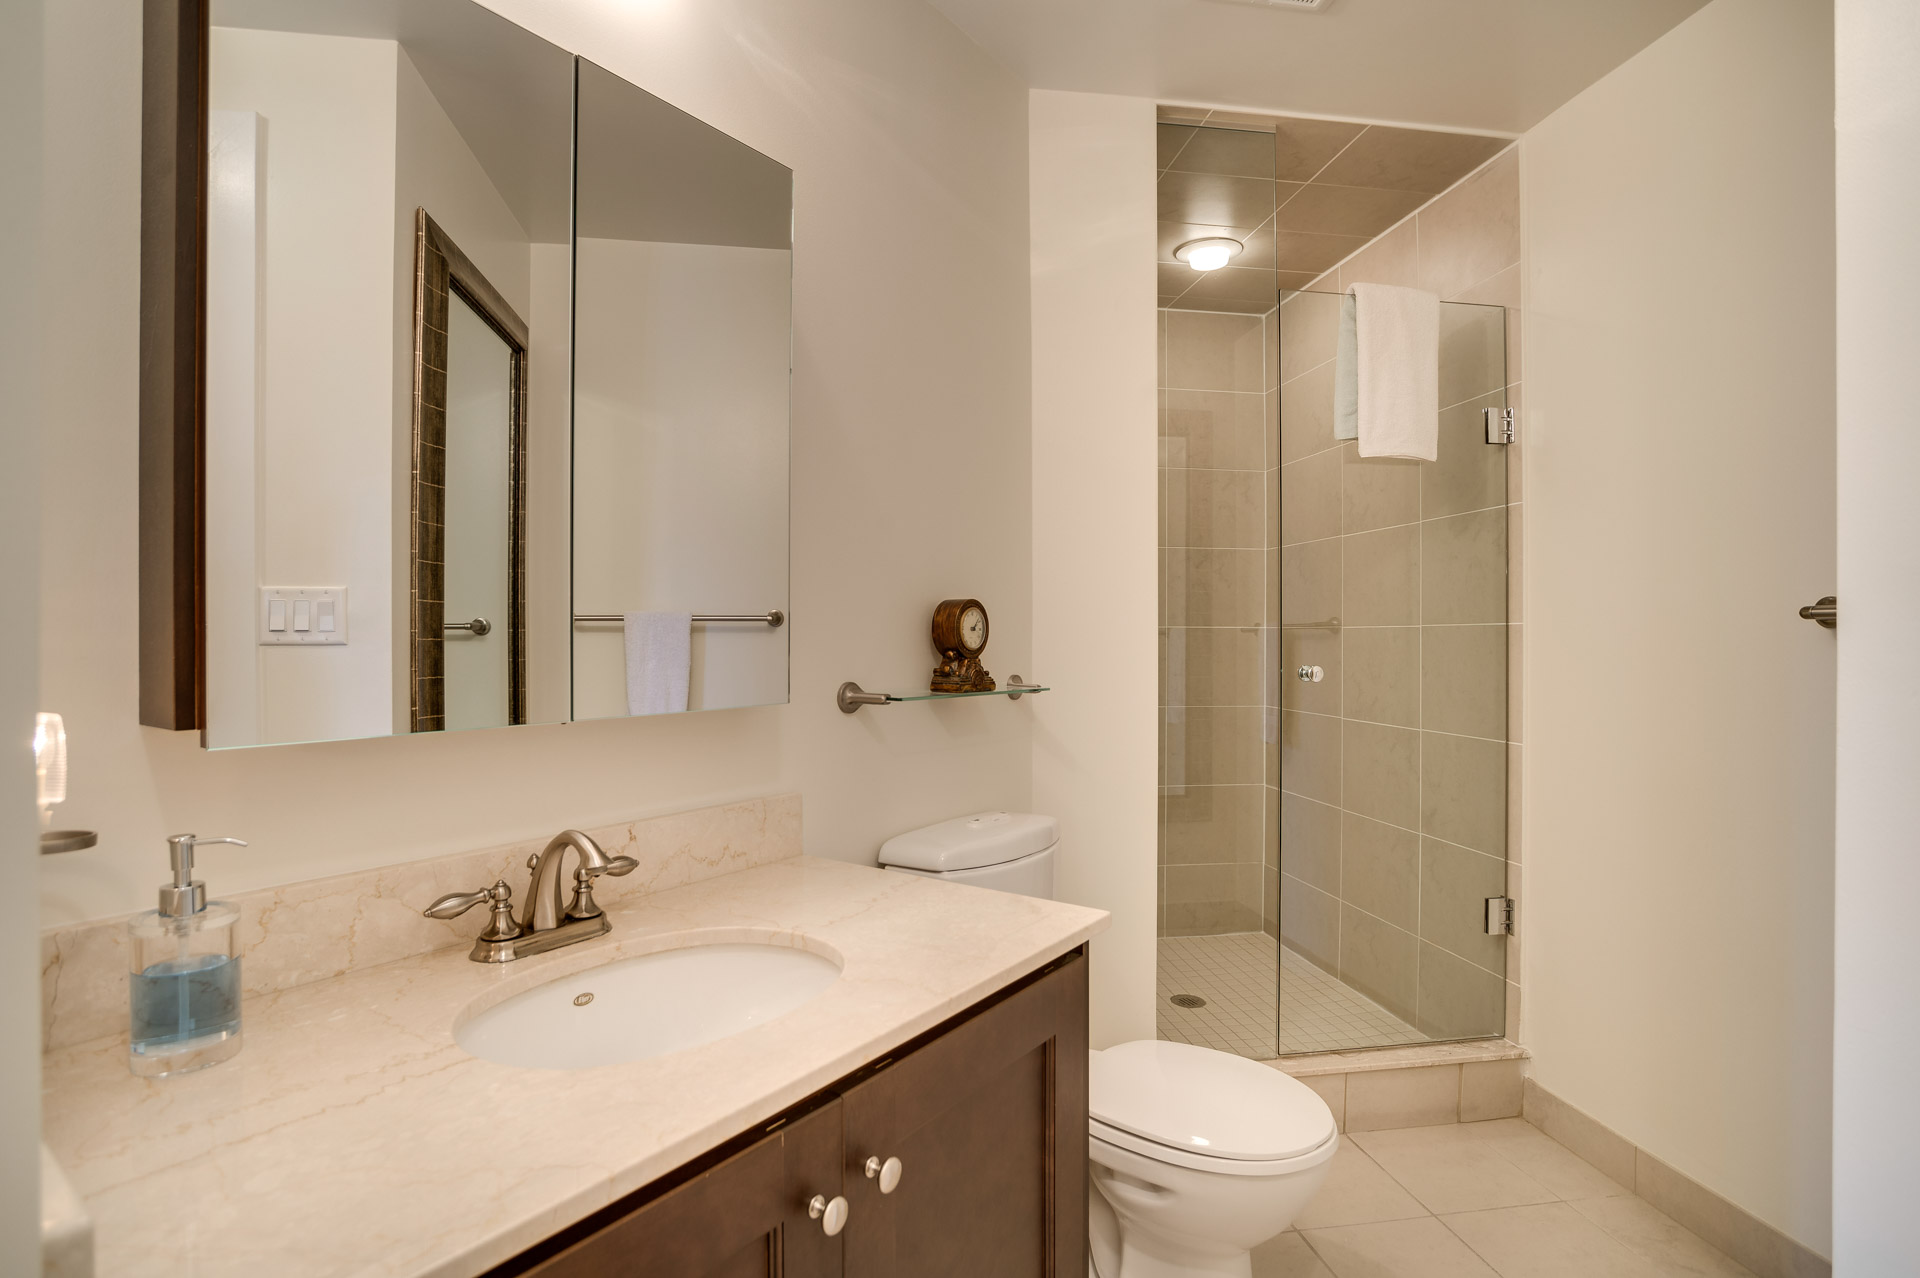 28_2ndbathroom1.jpg